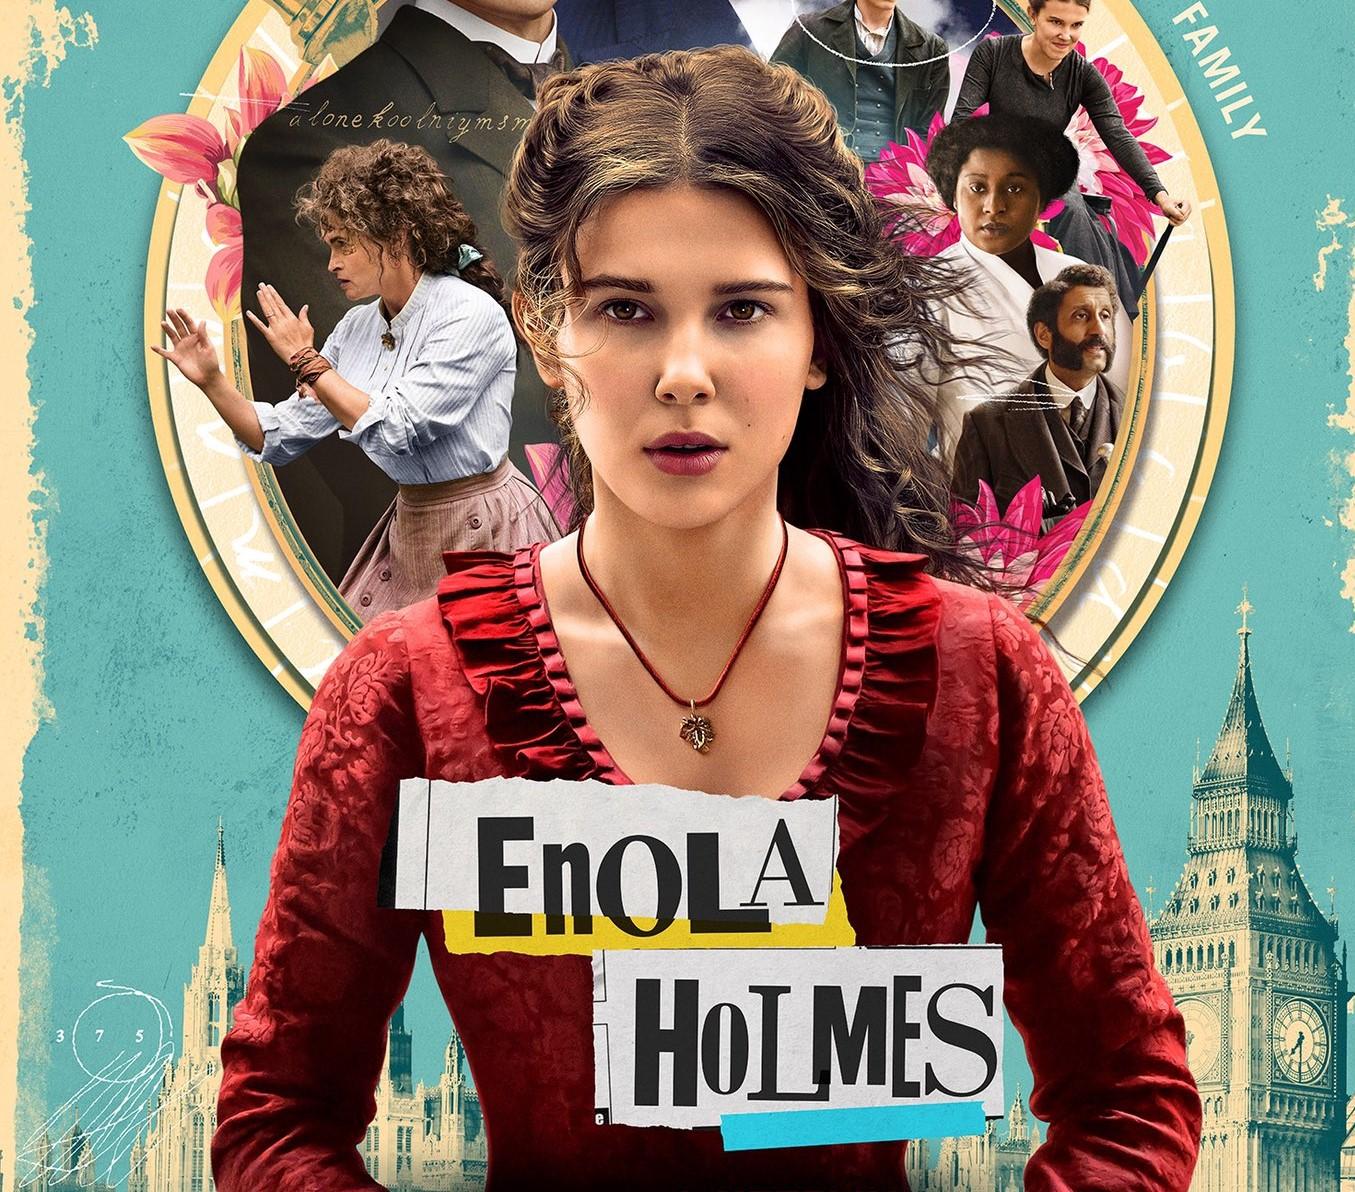 Enola Holmes, com Millie Bobby Brown, ganha data de estreia